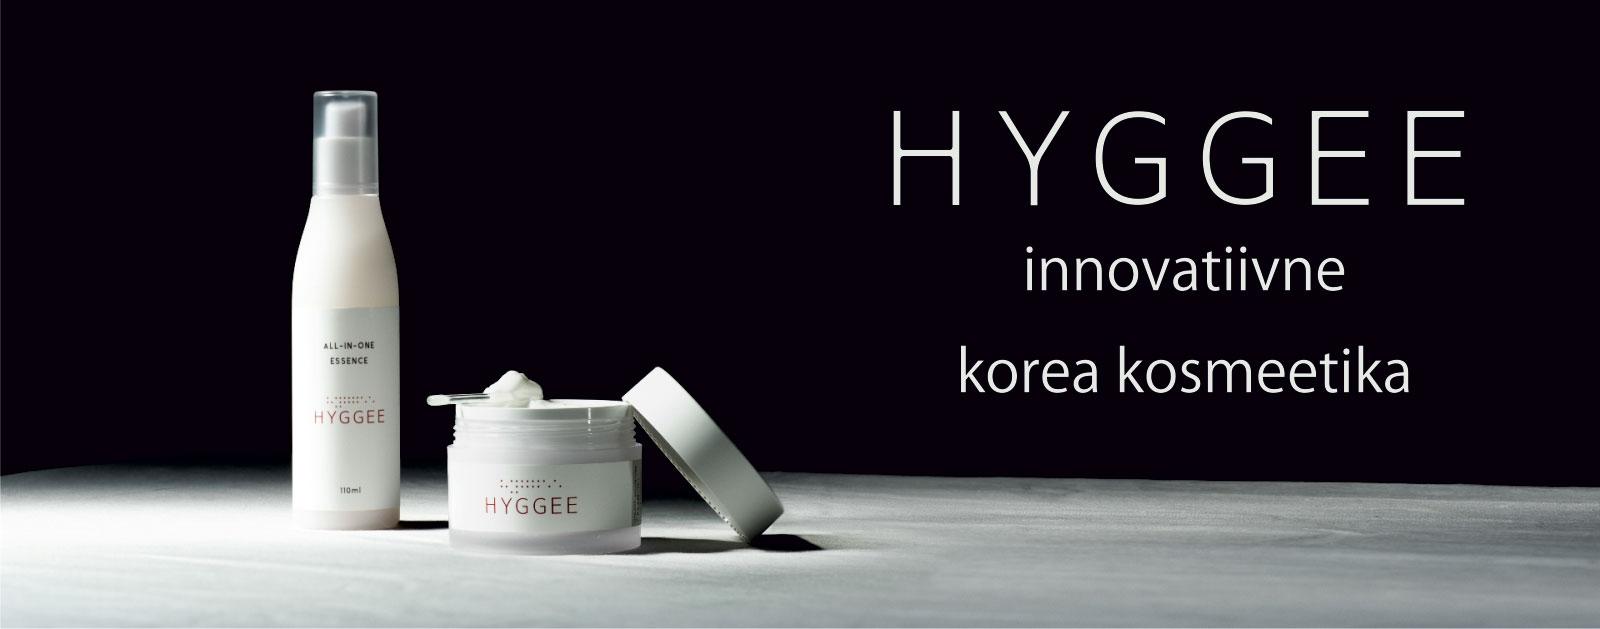 HYGGEE Korea Kosmeetika